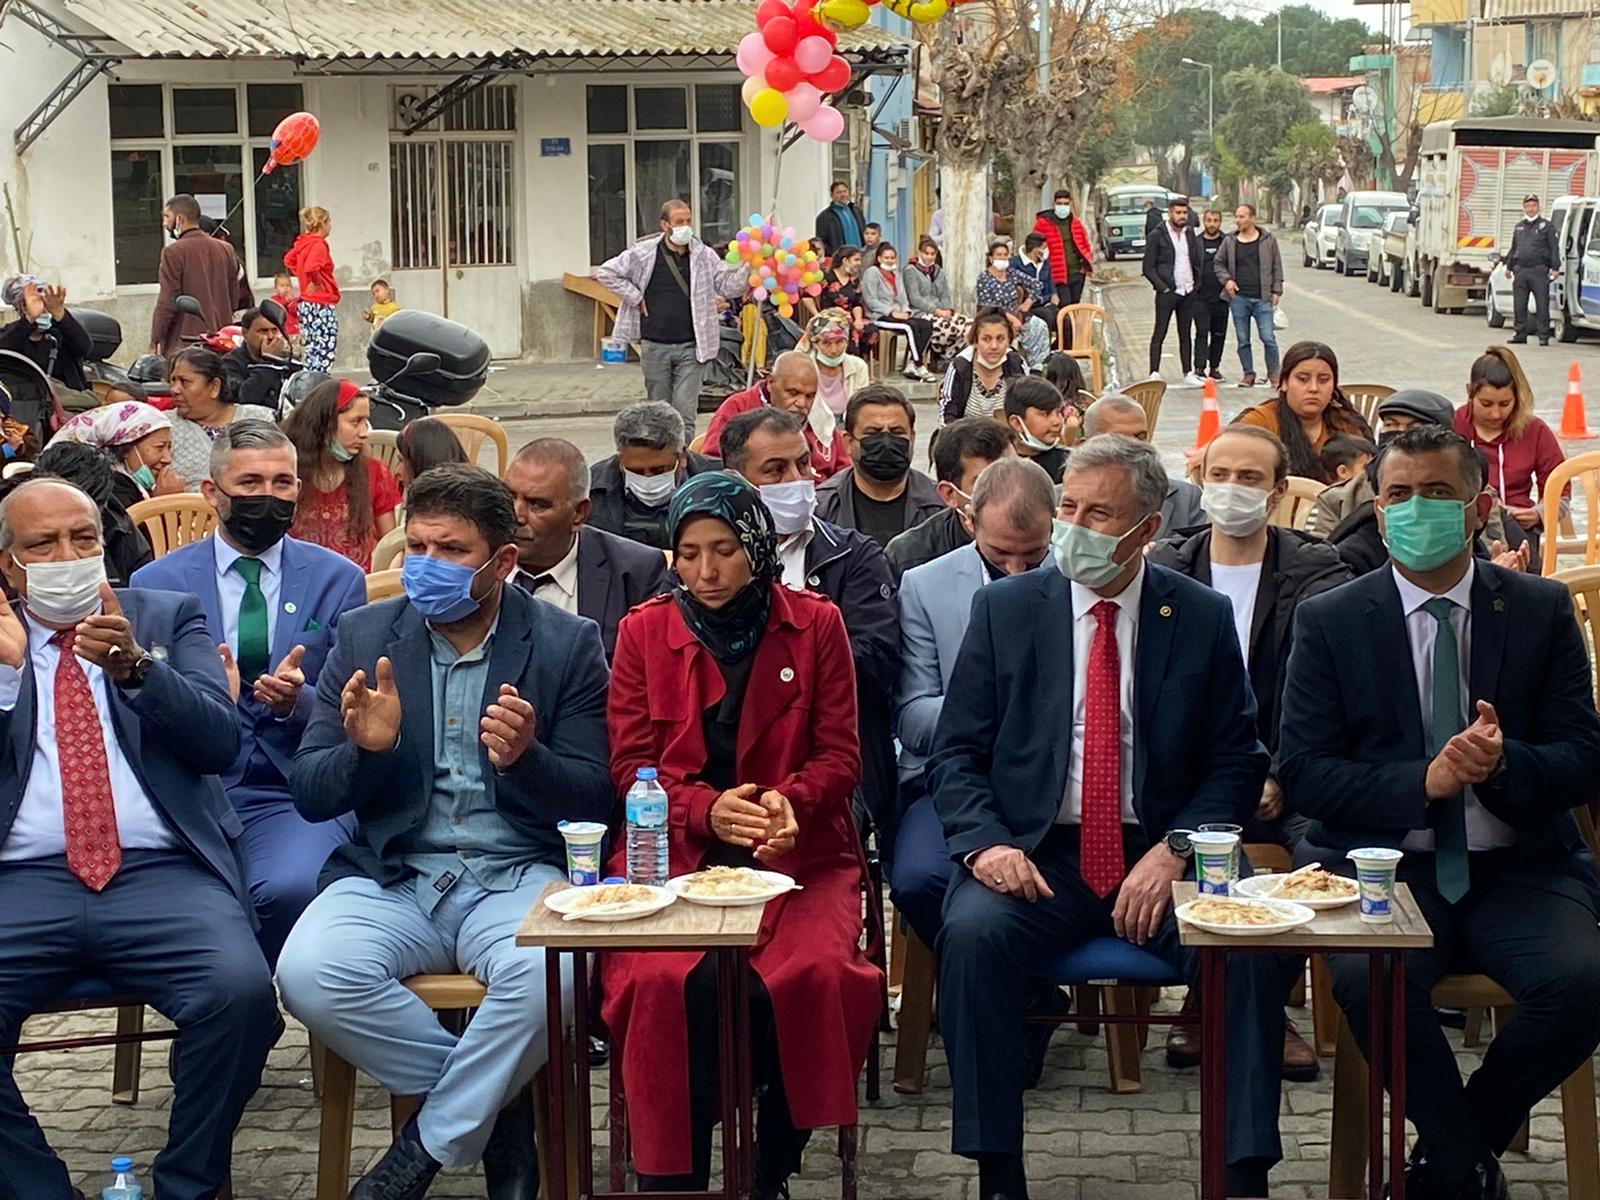 Gelecek Partisi Salihli İlçesi Romanlar Günü vesilesiyle etkinlik düzenledi.